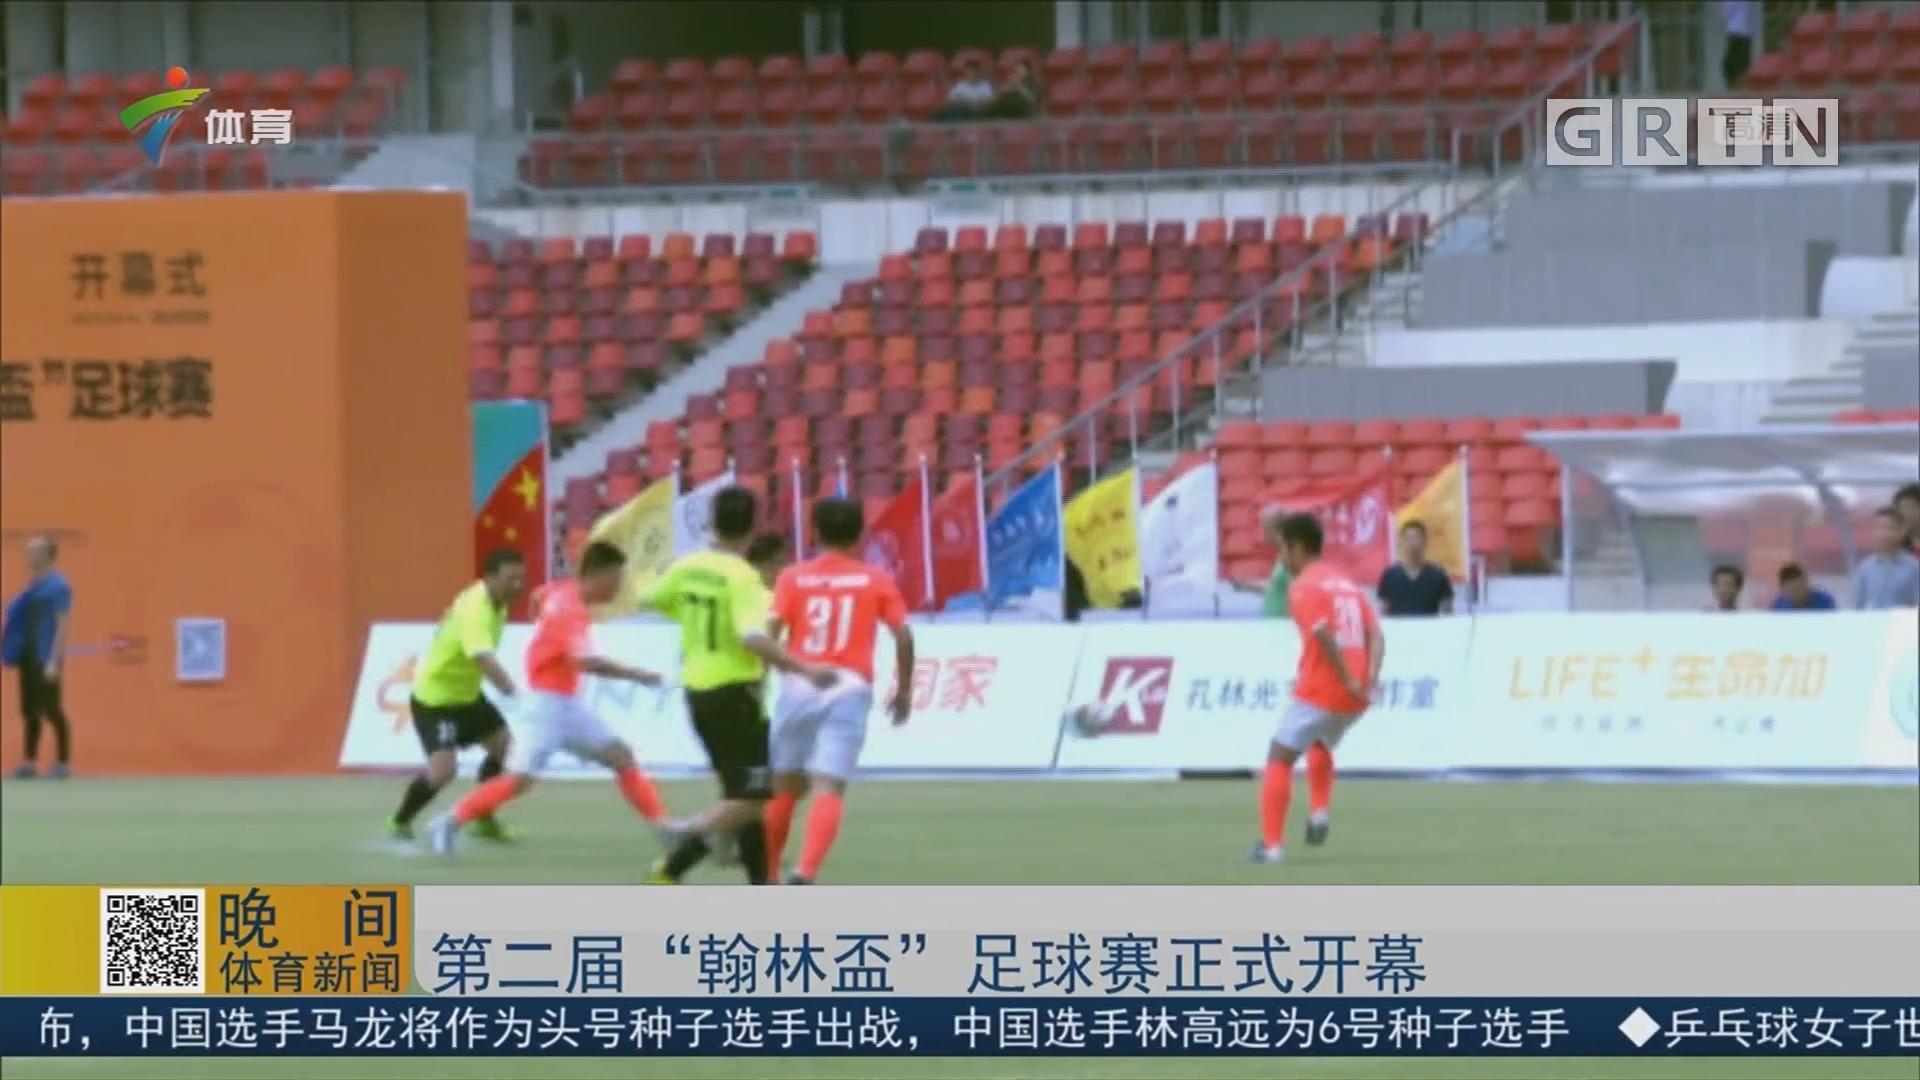 """第二届""""翰林盃""""足球赛正式开幕"""